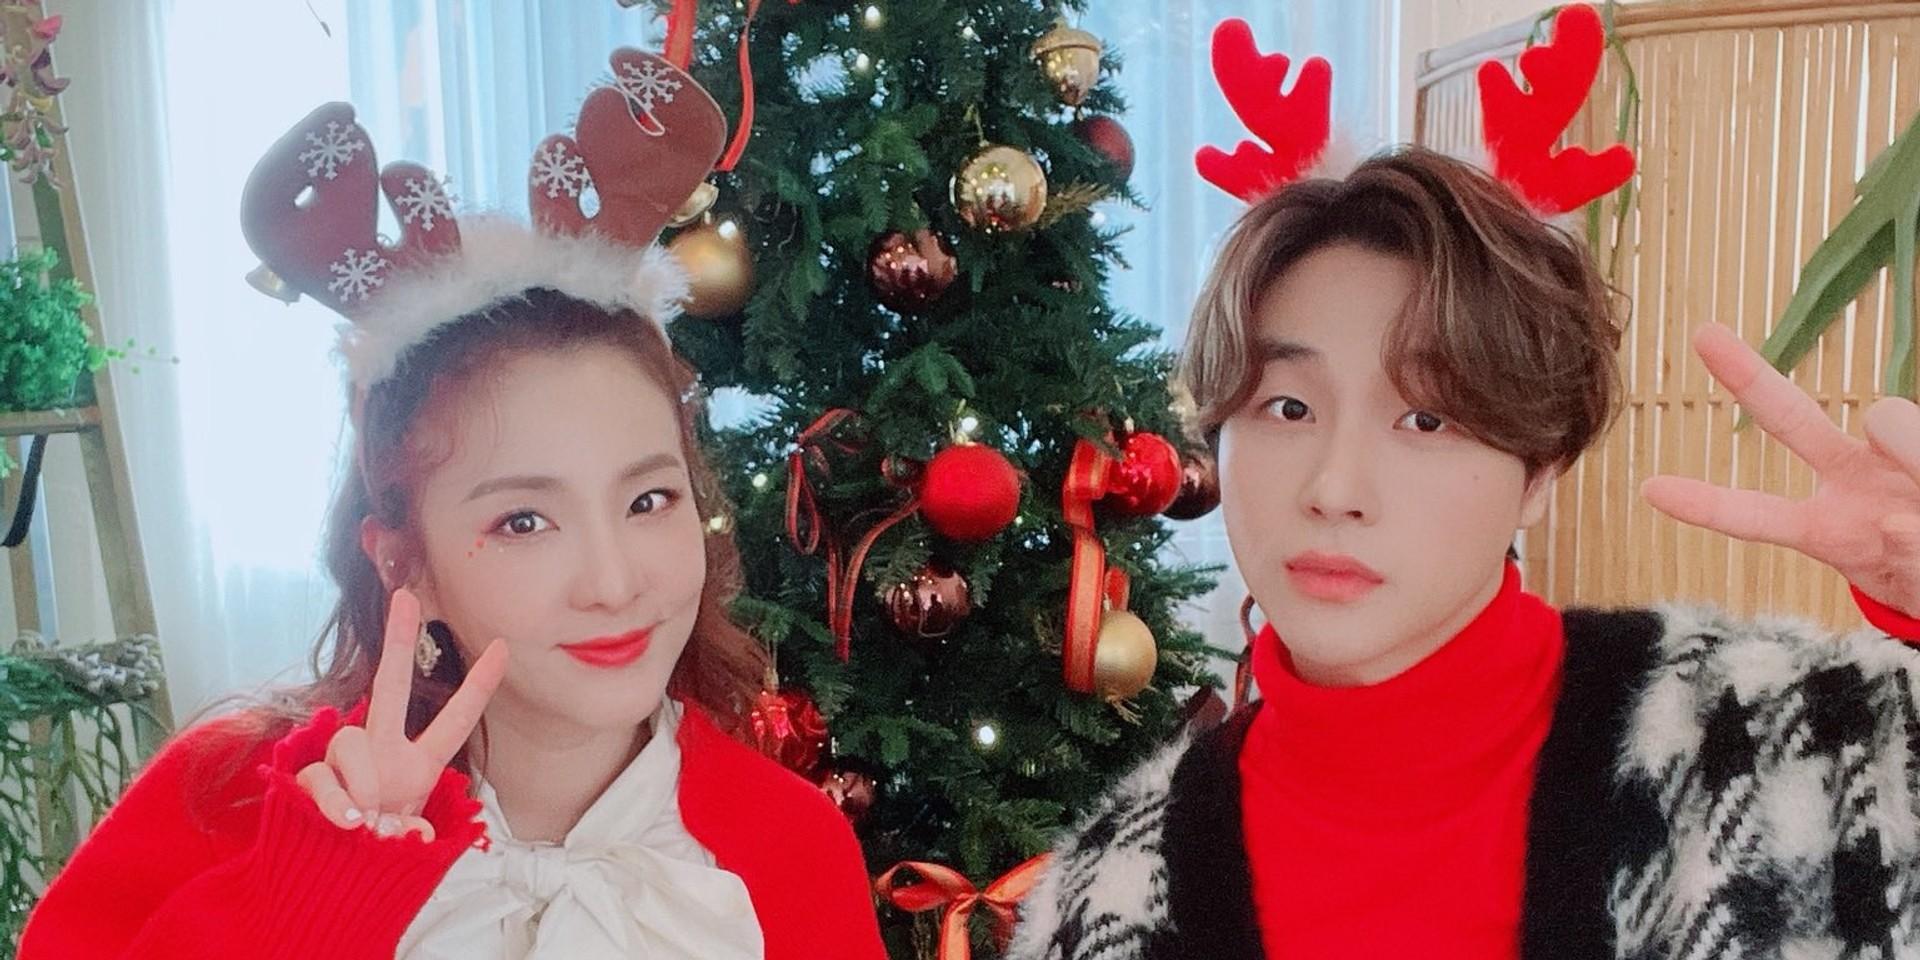 Dara and iKON's Jay cover Iñigo Pascual's 'Dahil Sa'yo' for Christmas – watch